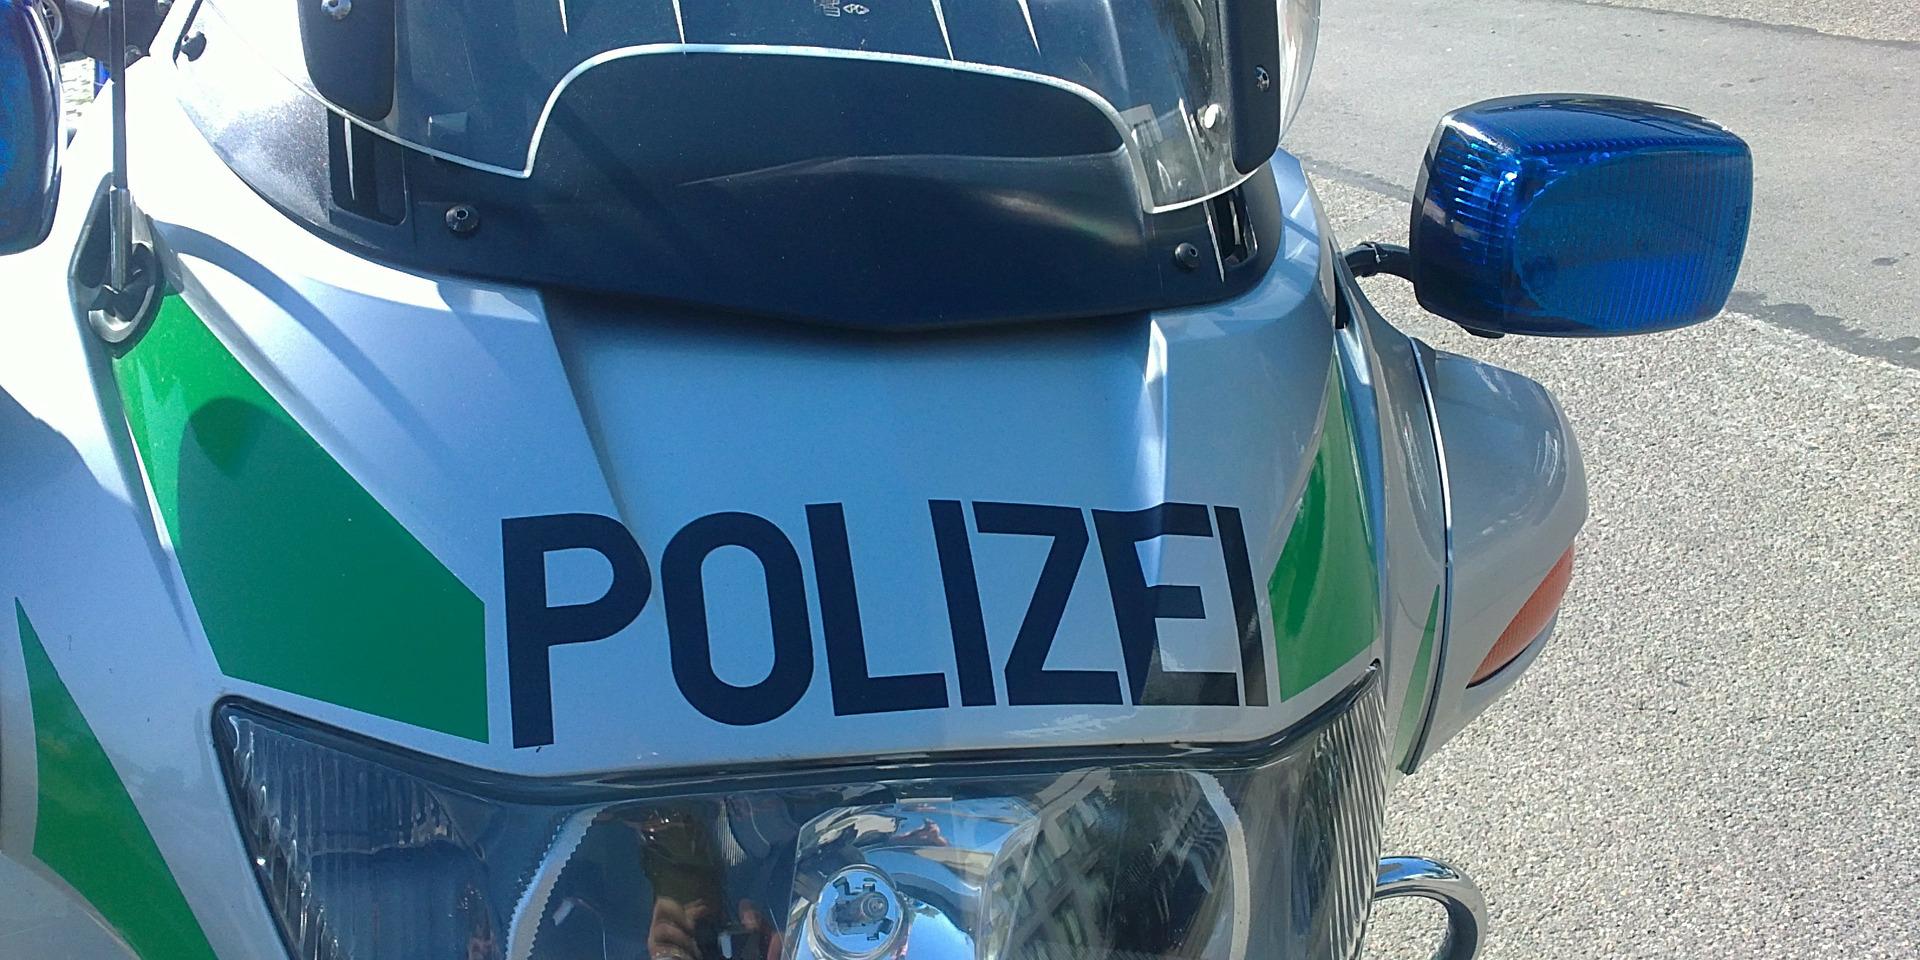 Polizeimotorrad , © creative commons